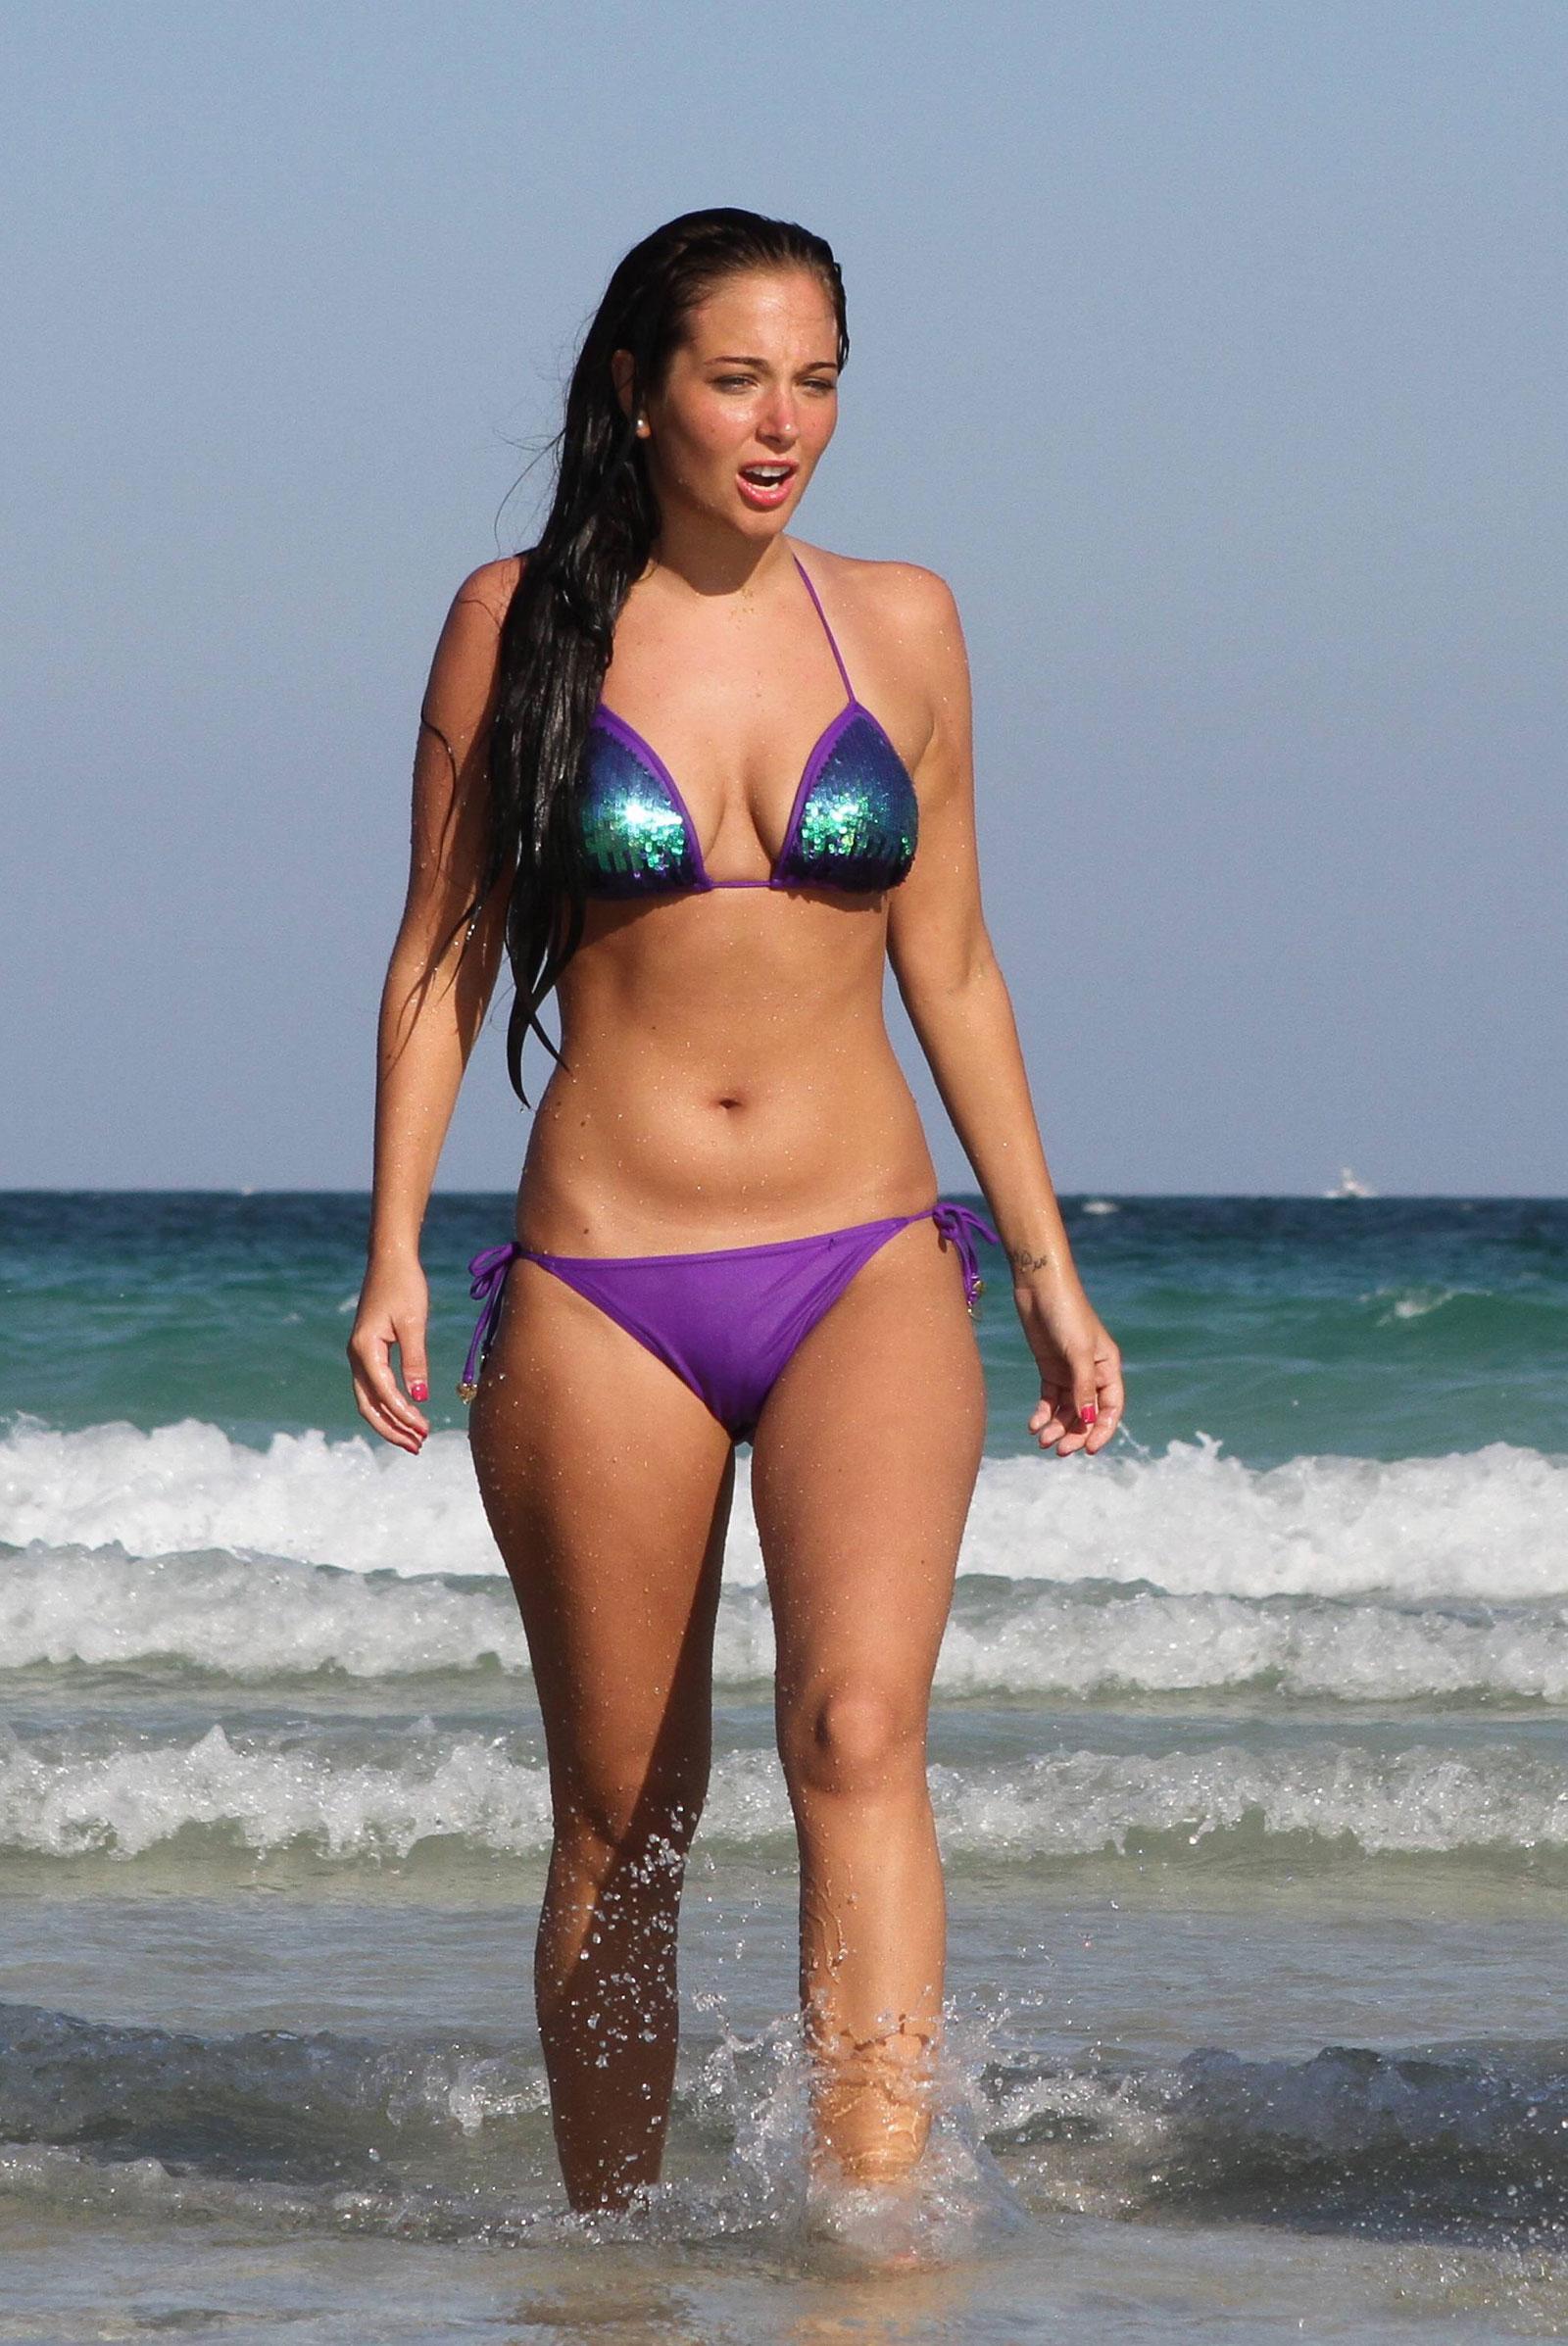 bikini Tulisa contostavlos